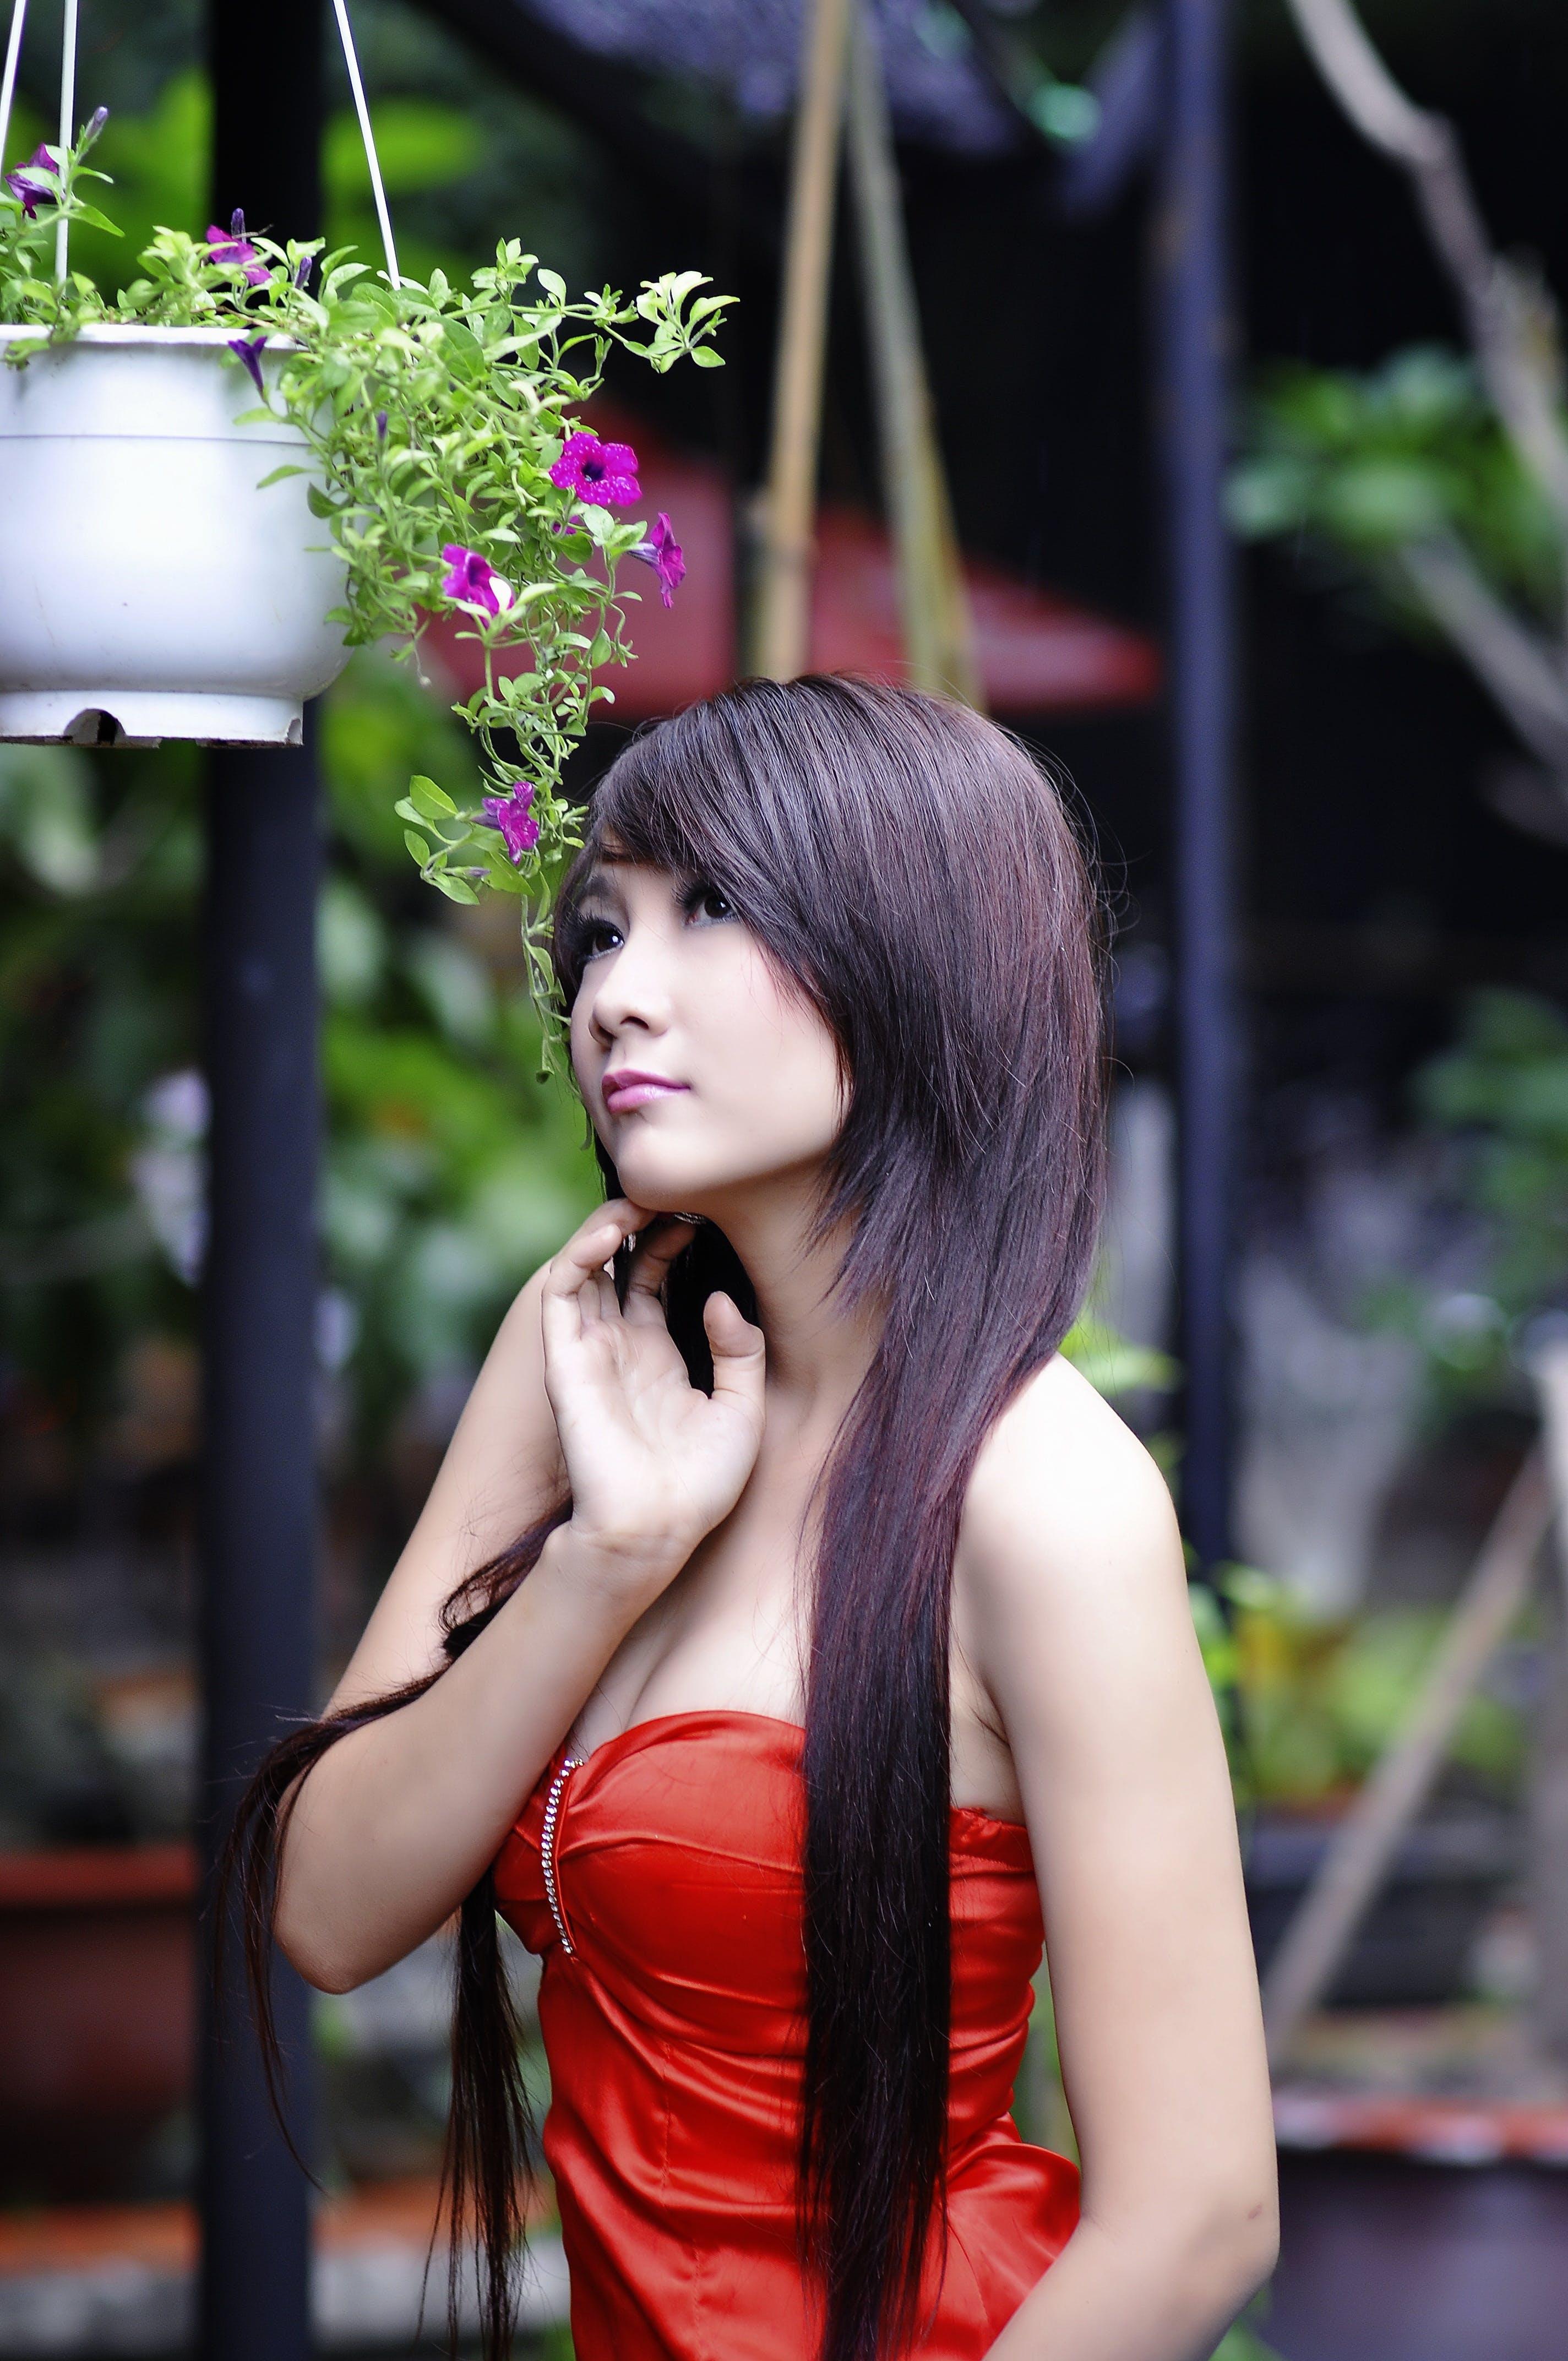 asiatisch, attraktiv, fashion